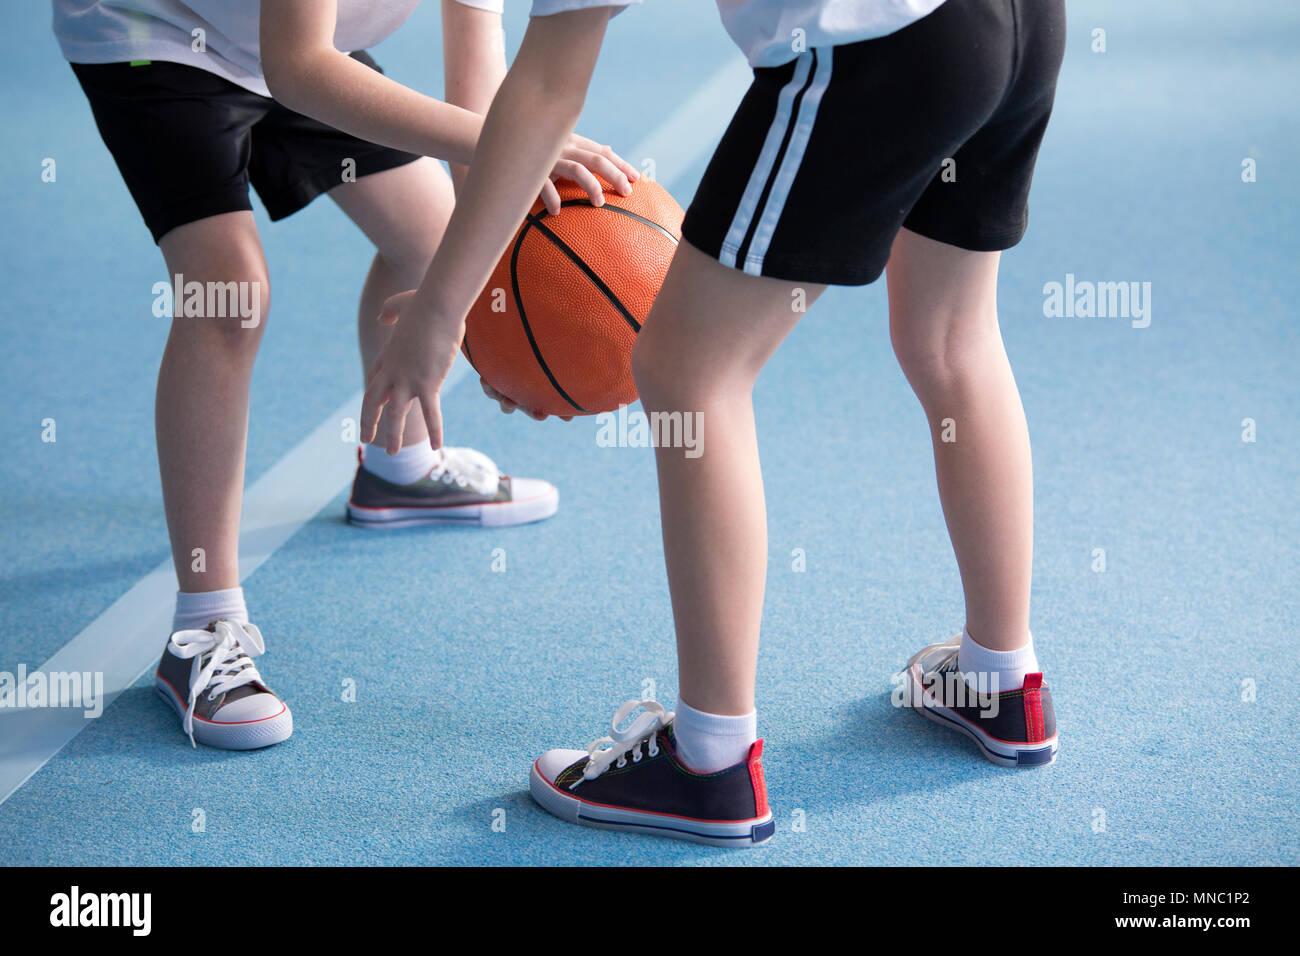 Close-up auf junge Kinder tragen Schule sportswear Lernen ein Basketball dribbeln während der Sportunterricht in der Turnhalle mit blauem Boden Stockfoto